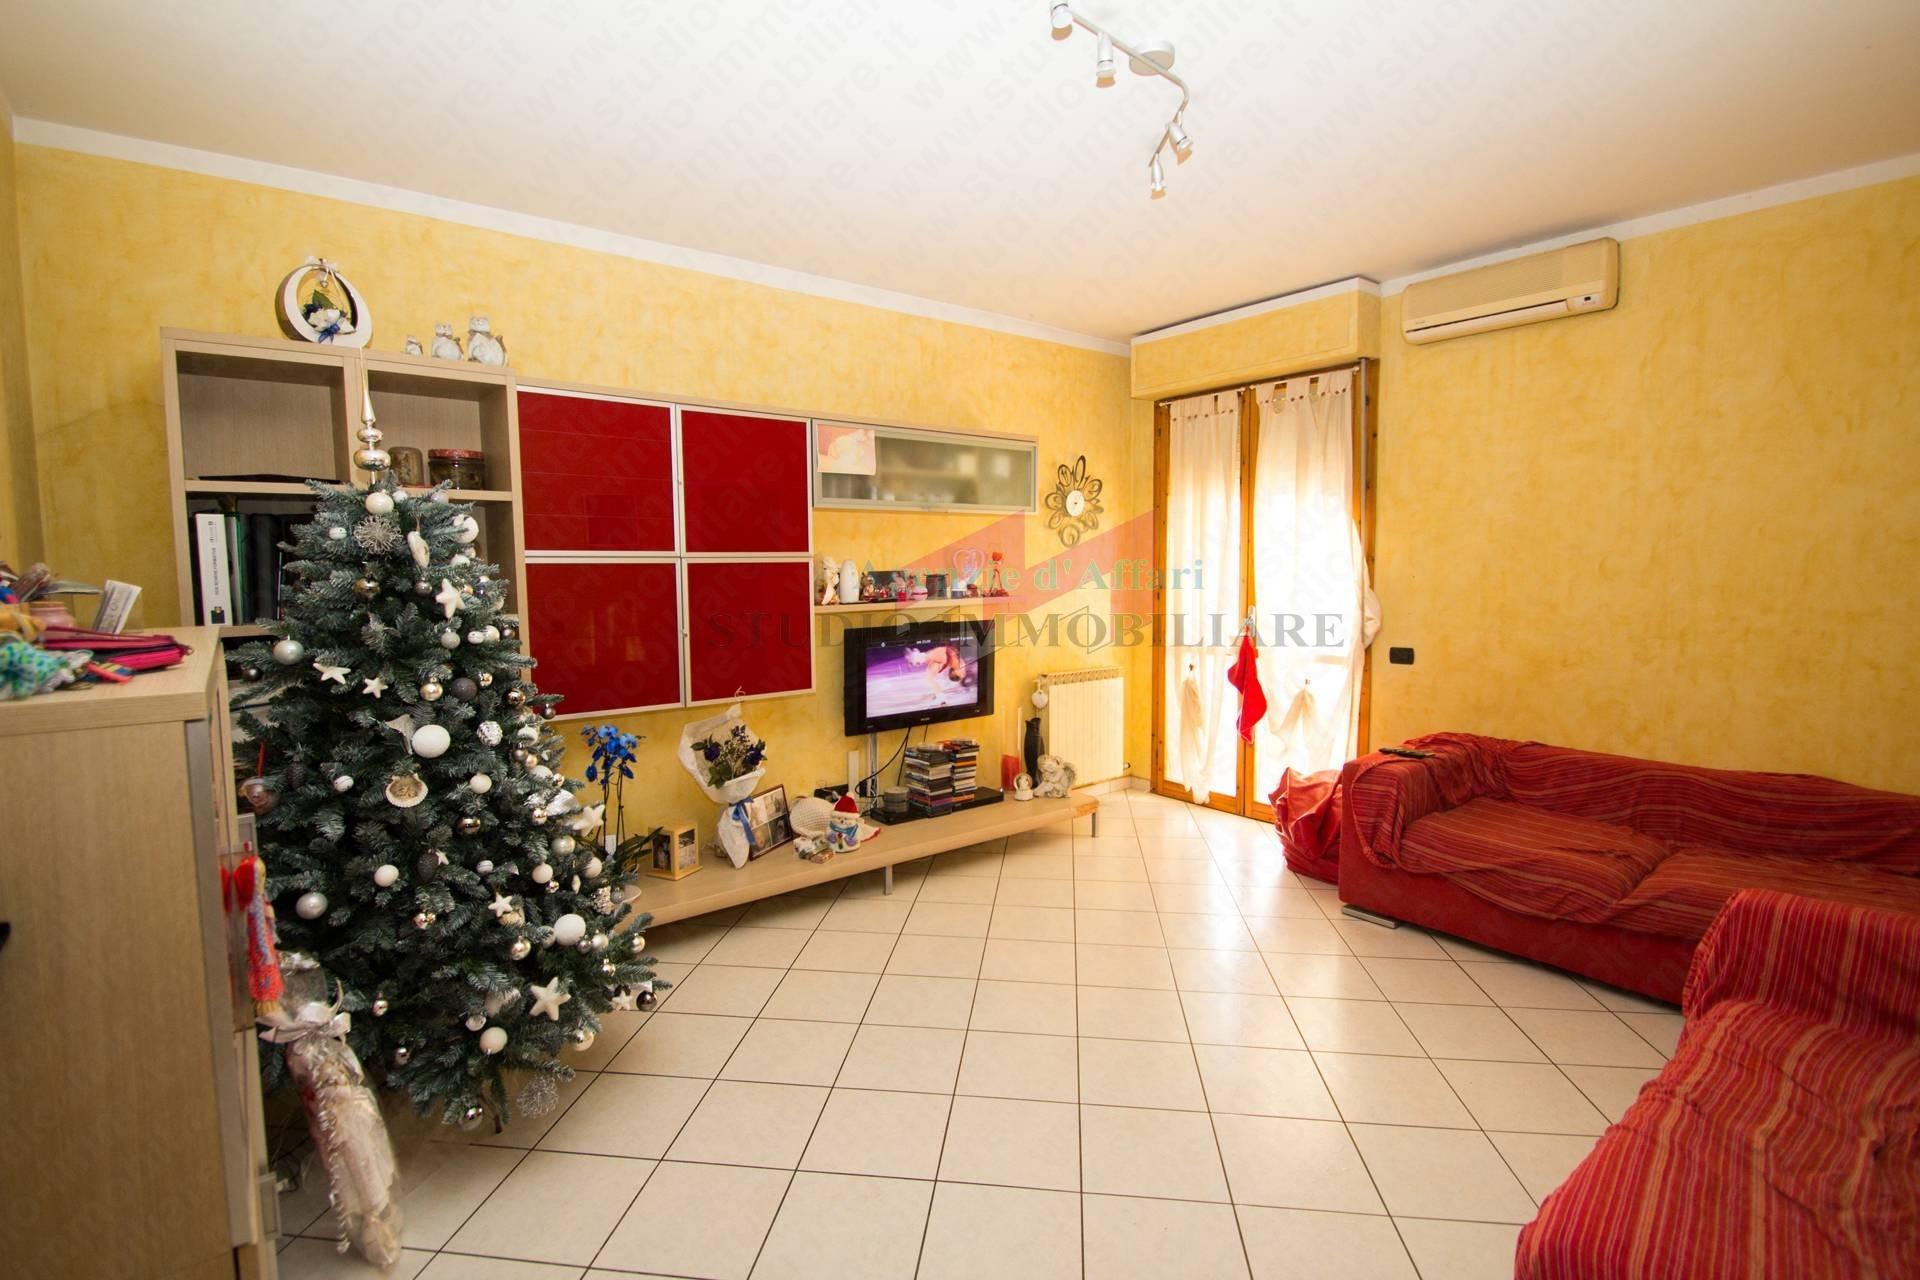 Appartamento in vendita a Ostiglia, 4 locali, prezzo € 85.000 | PortaleAgenzieImmobiliari.it